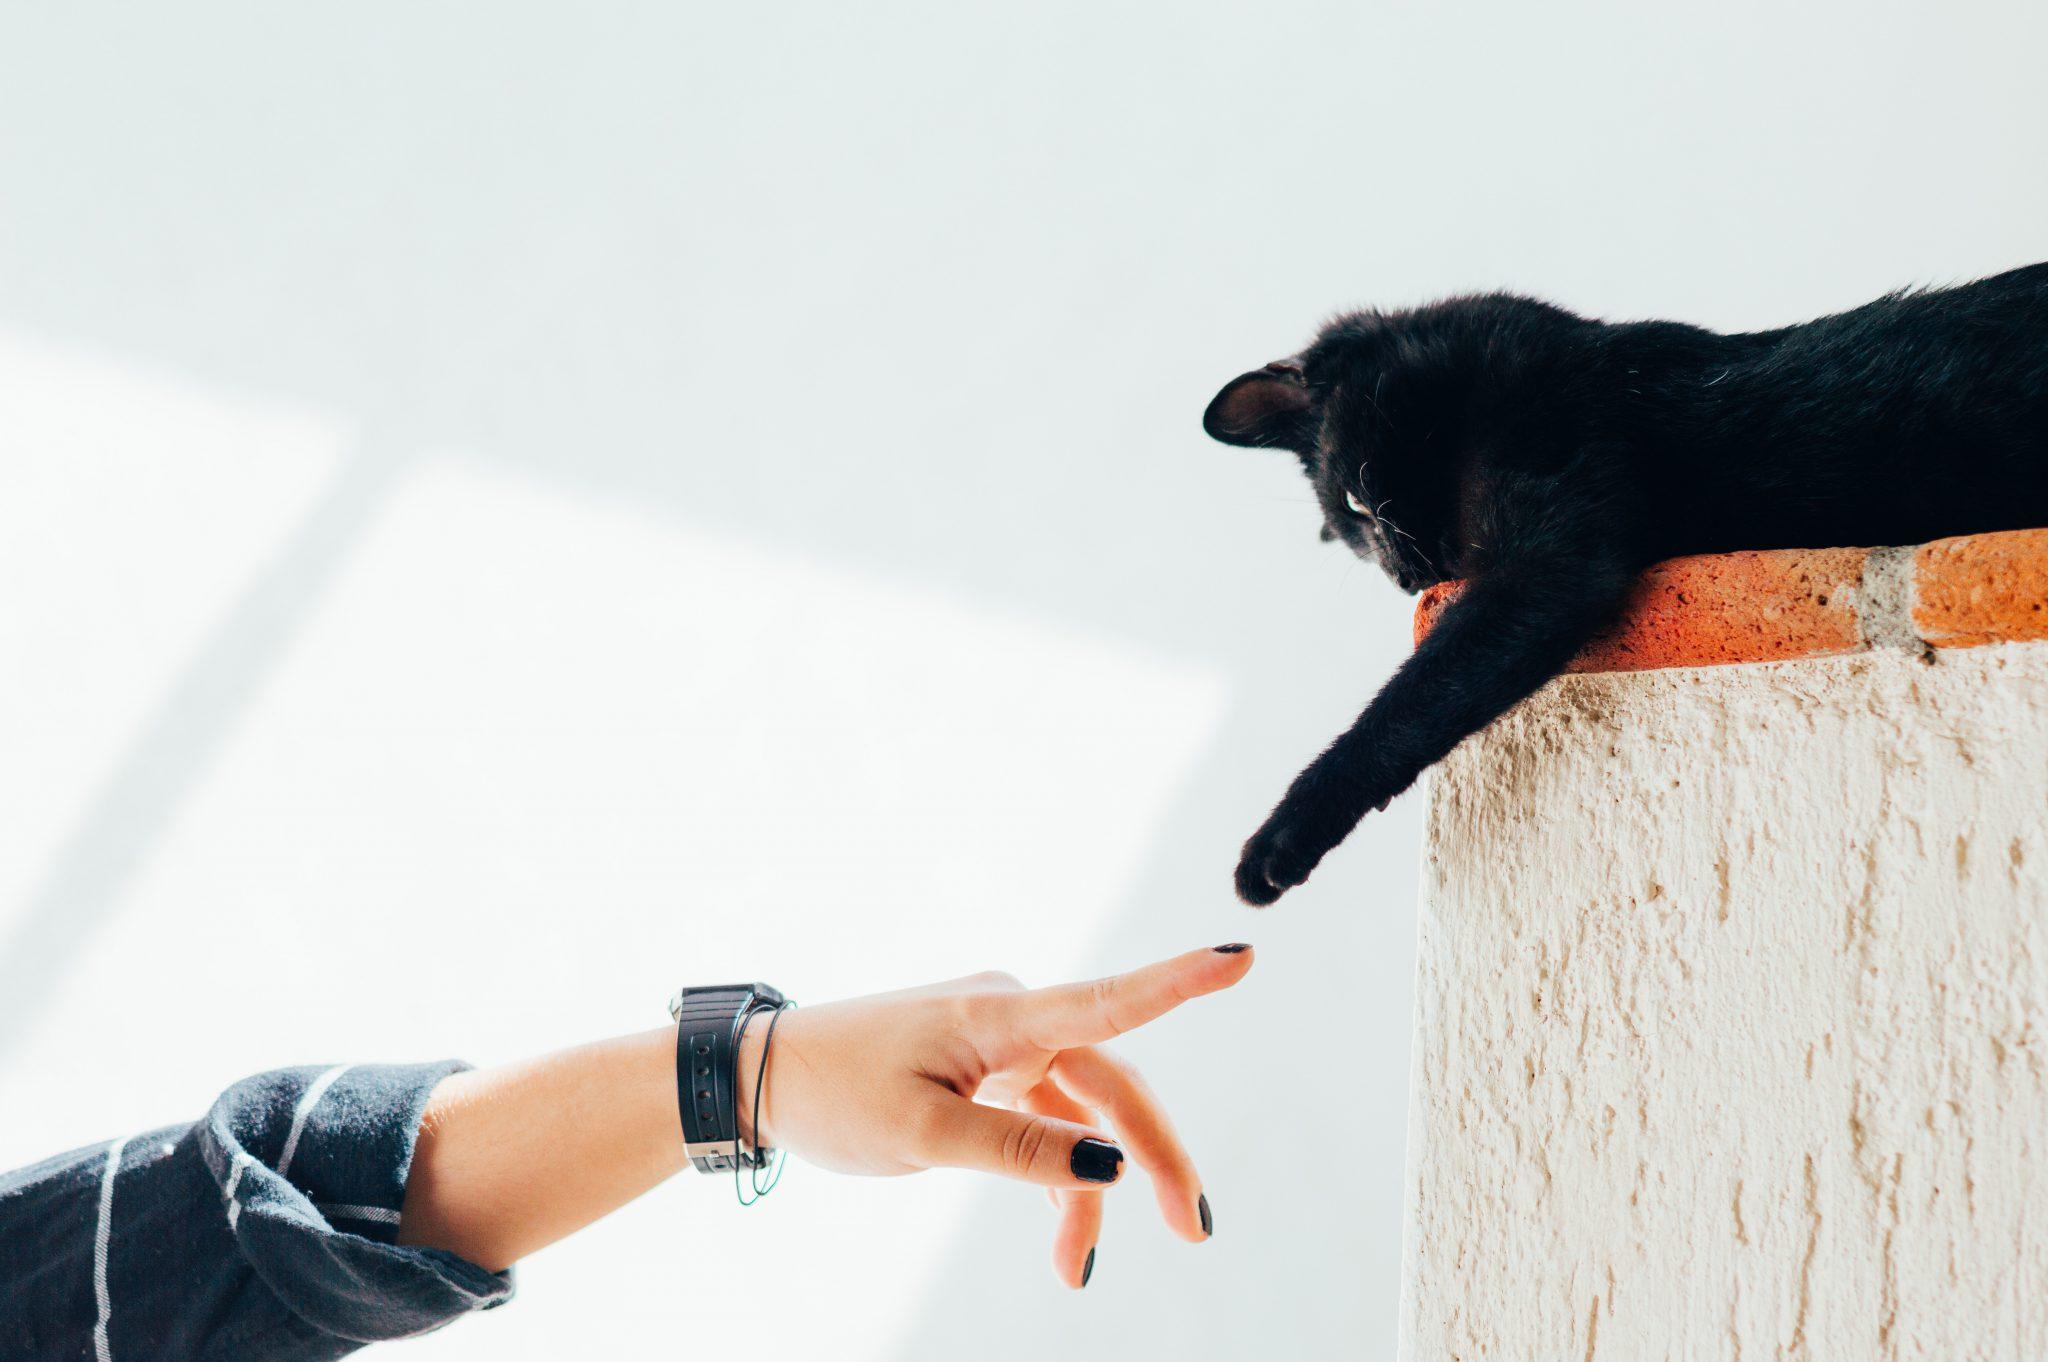 경계심 많은 고양이